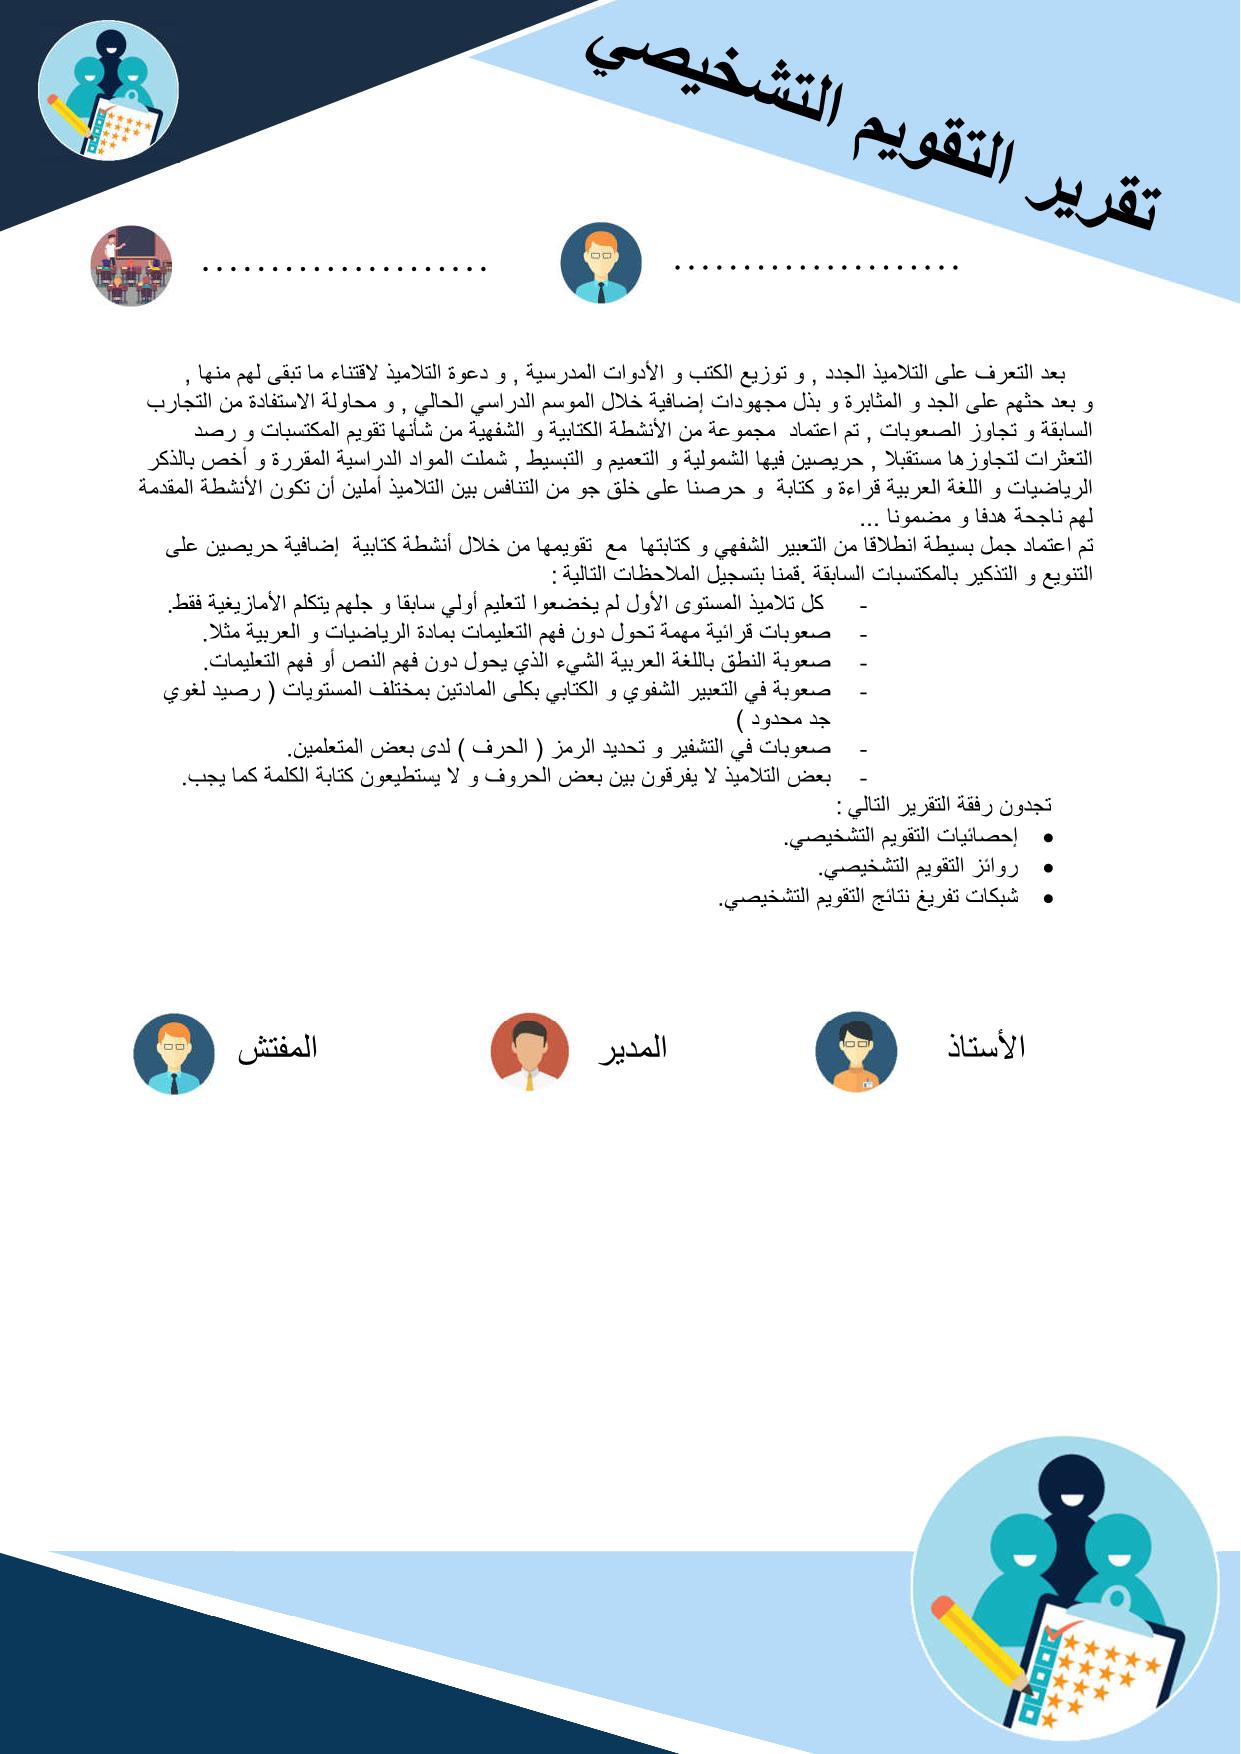 تقرير التقويم التشخيصي باللغة العربية - وثائق البروفيسور.